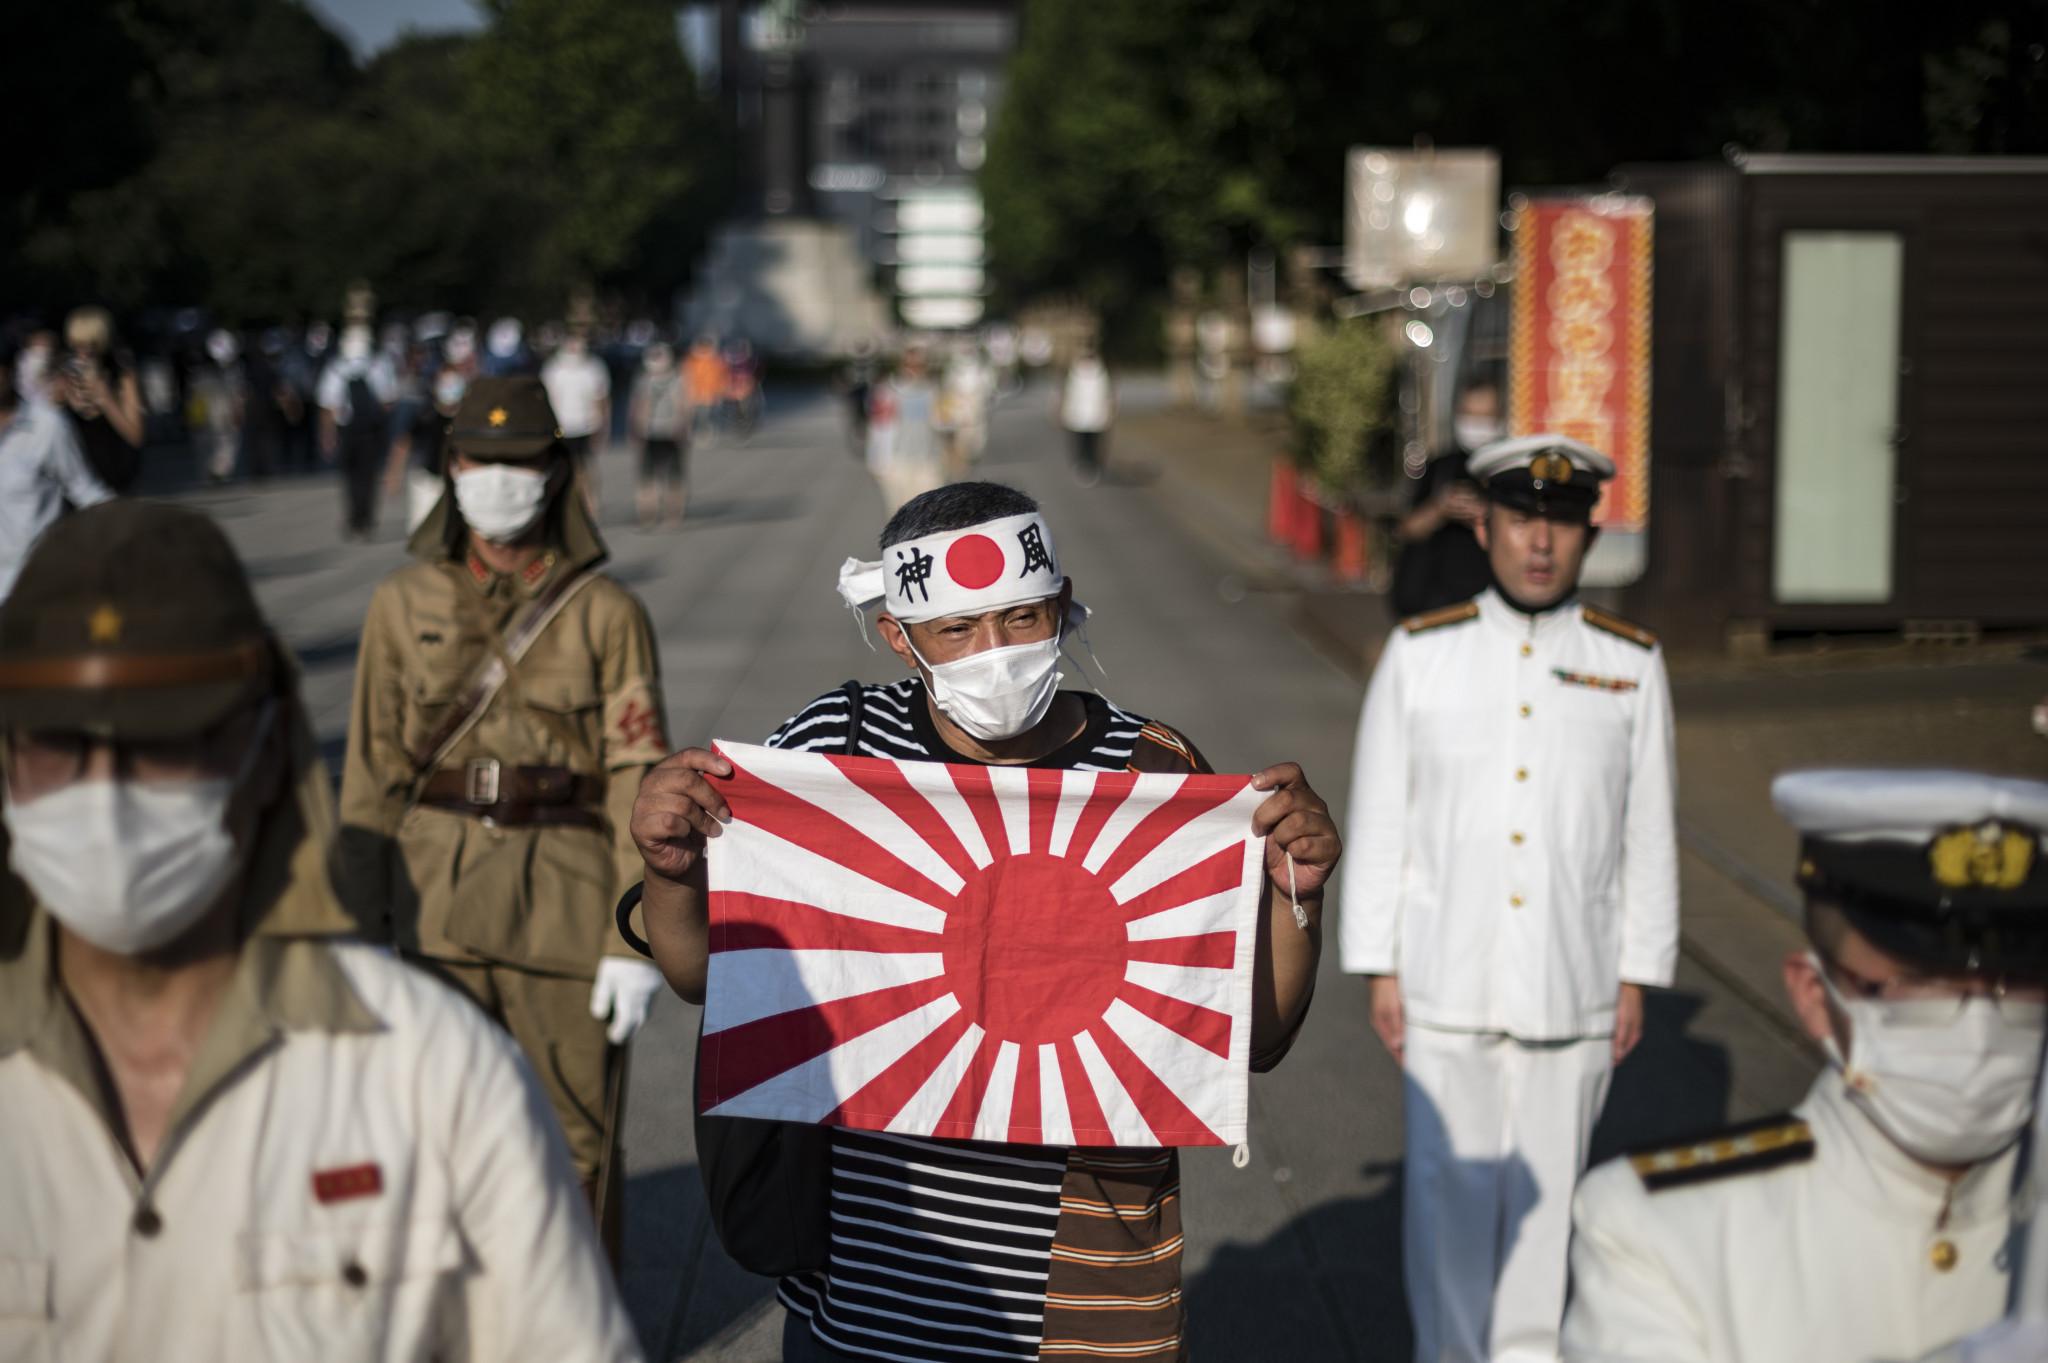 KSCO는 일본 소수당 의원들이 한국 현수막에 항의한 후 IOC가 욱일기 사용을 반대한다고 밝혔습니다. © Getty Images